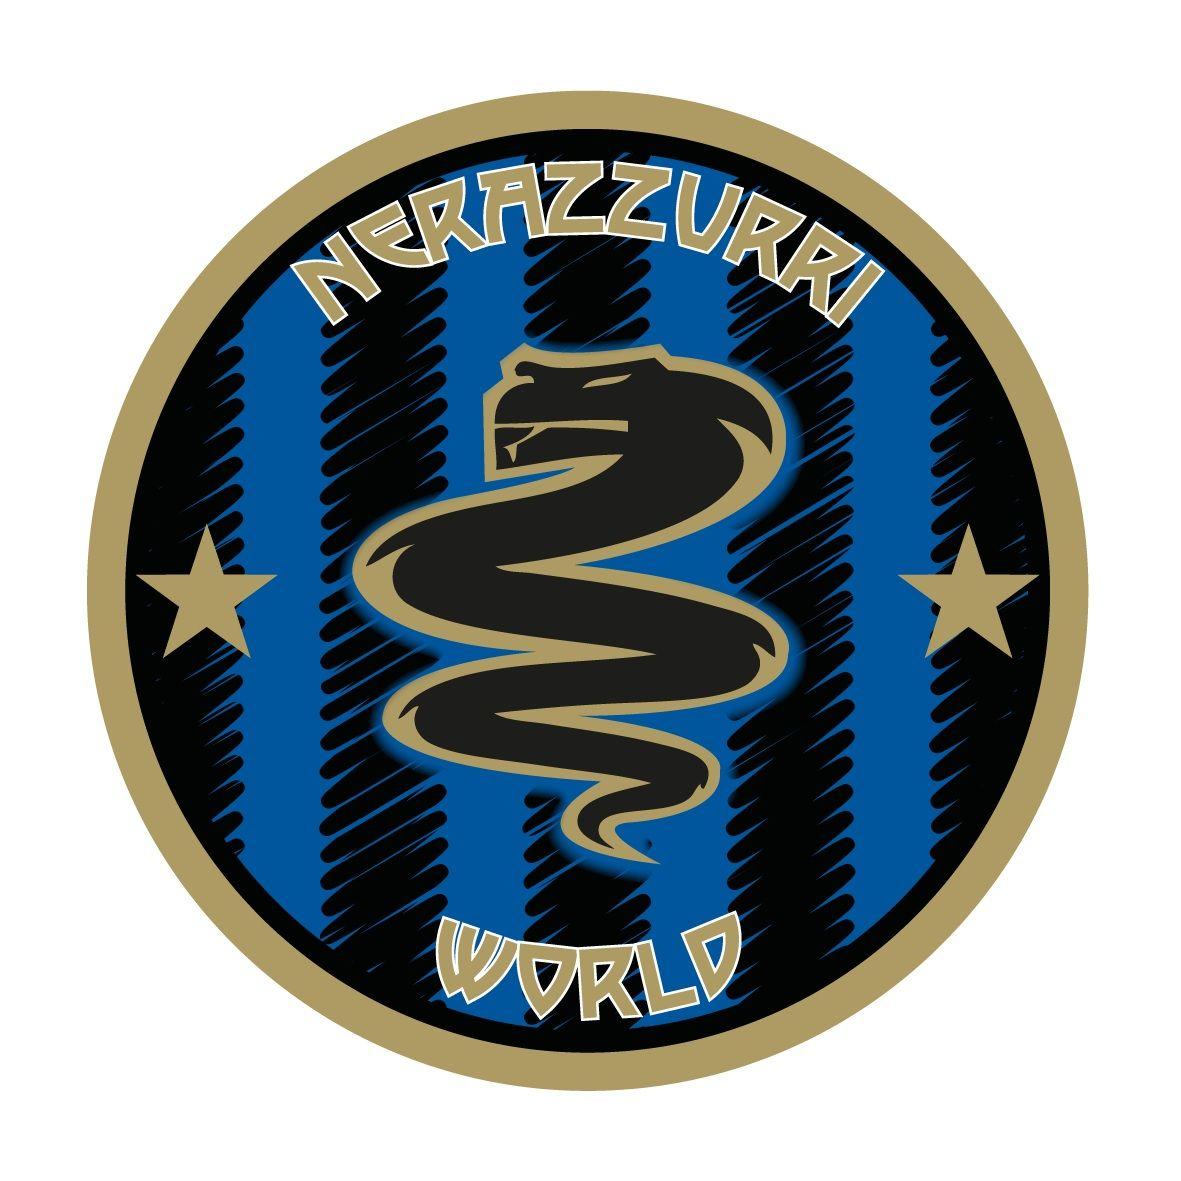 Gambar Logo Inter Milan Logo Sepak Bola Pinterest Logos And